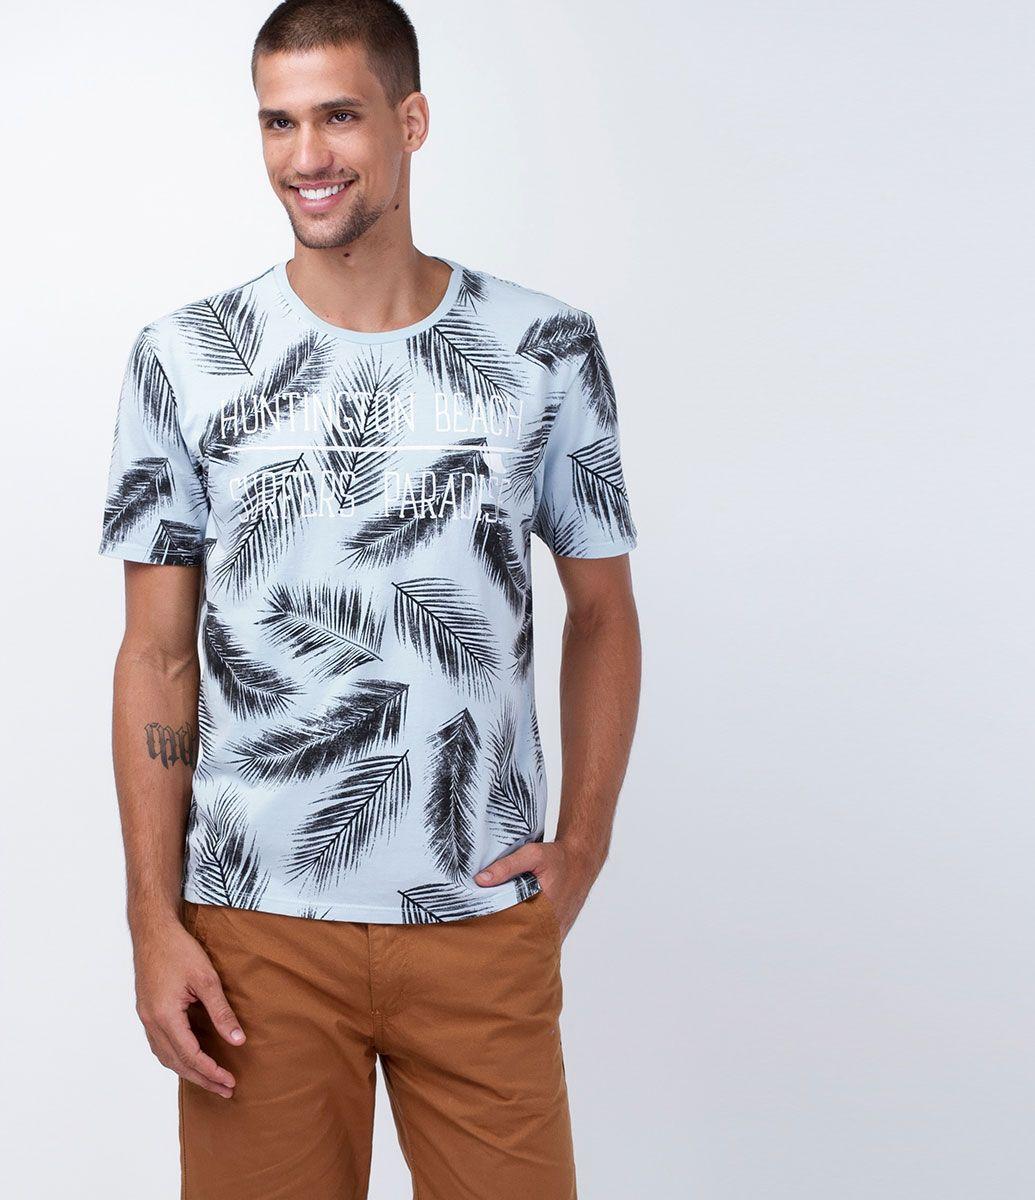 Camiseta masculina Manga curta Gola redonda Estampada Marca  Ripping  Tecido  meia malha Composição  100% algodão Modelo veste tamanho  M COLEÇÃO  VERÃO 2016 ... 32b5e65a45a69